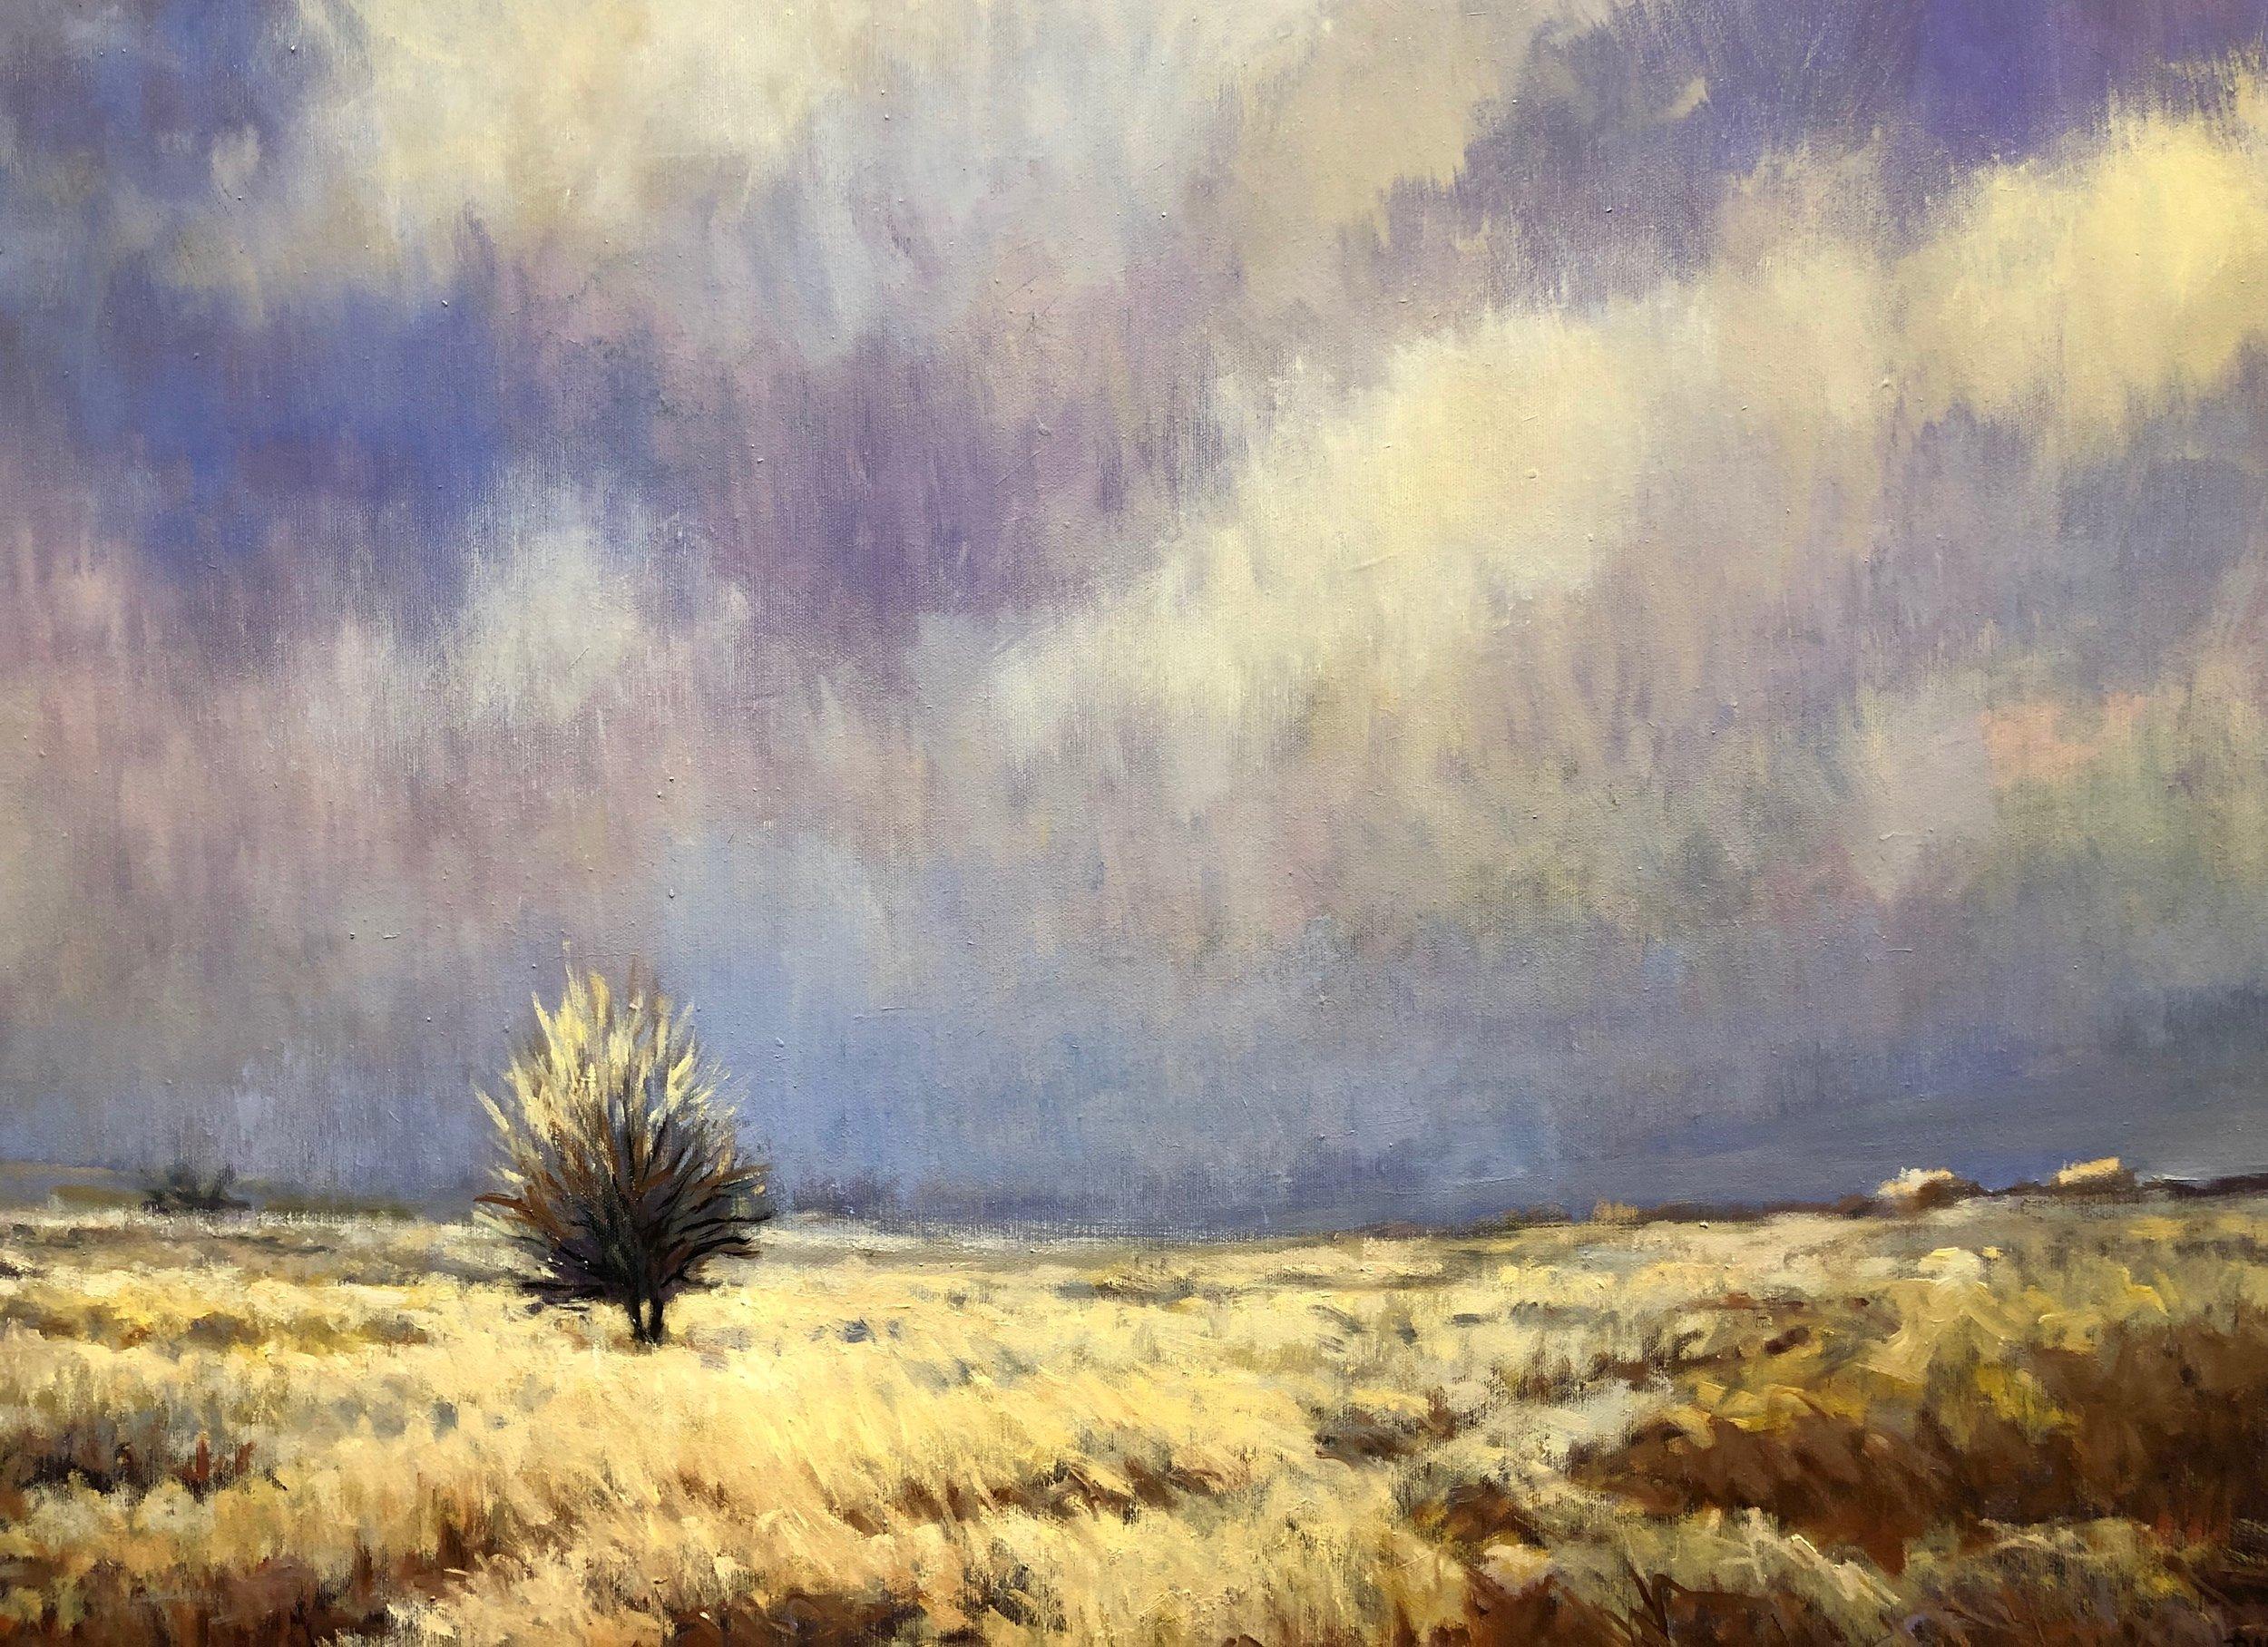 Roberta Barnes -  Autumn Mist , 2018  Halsey, NE